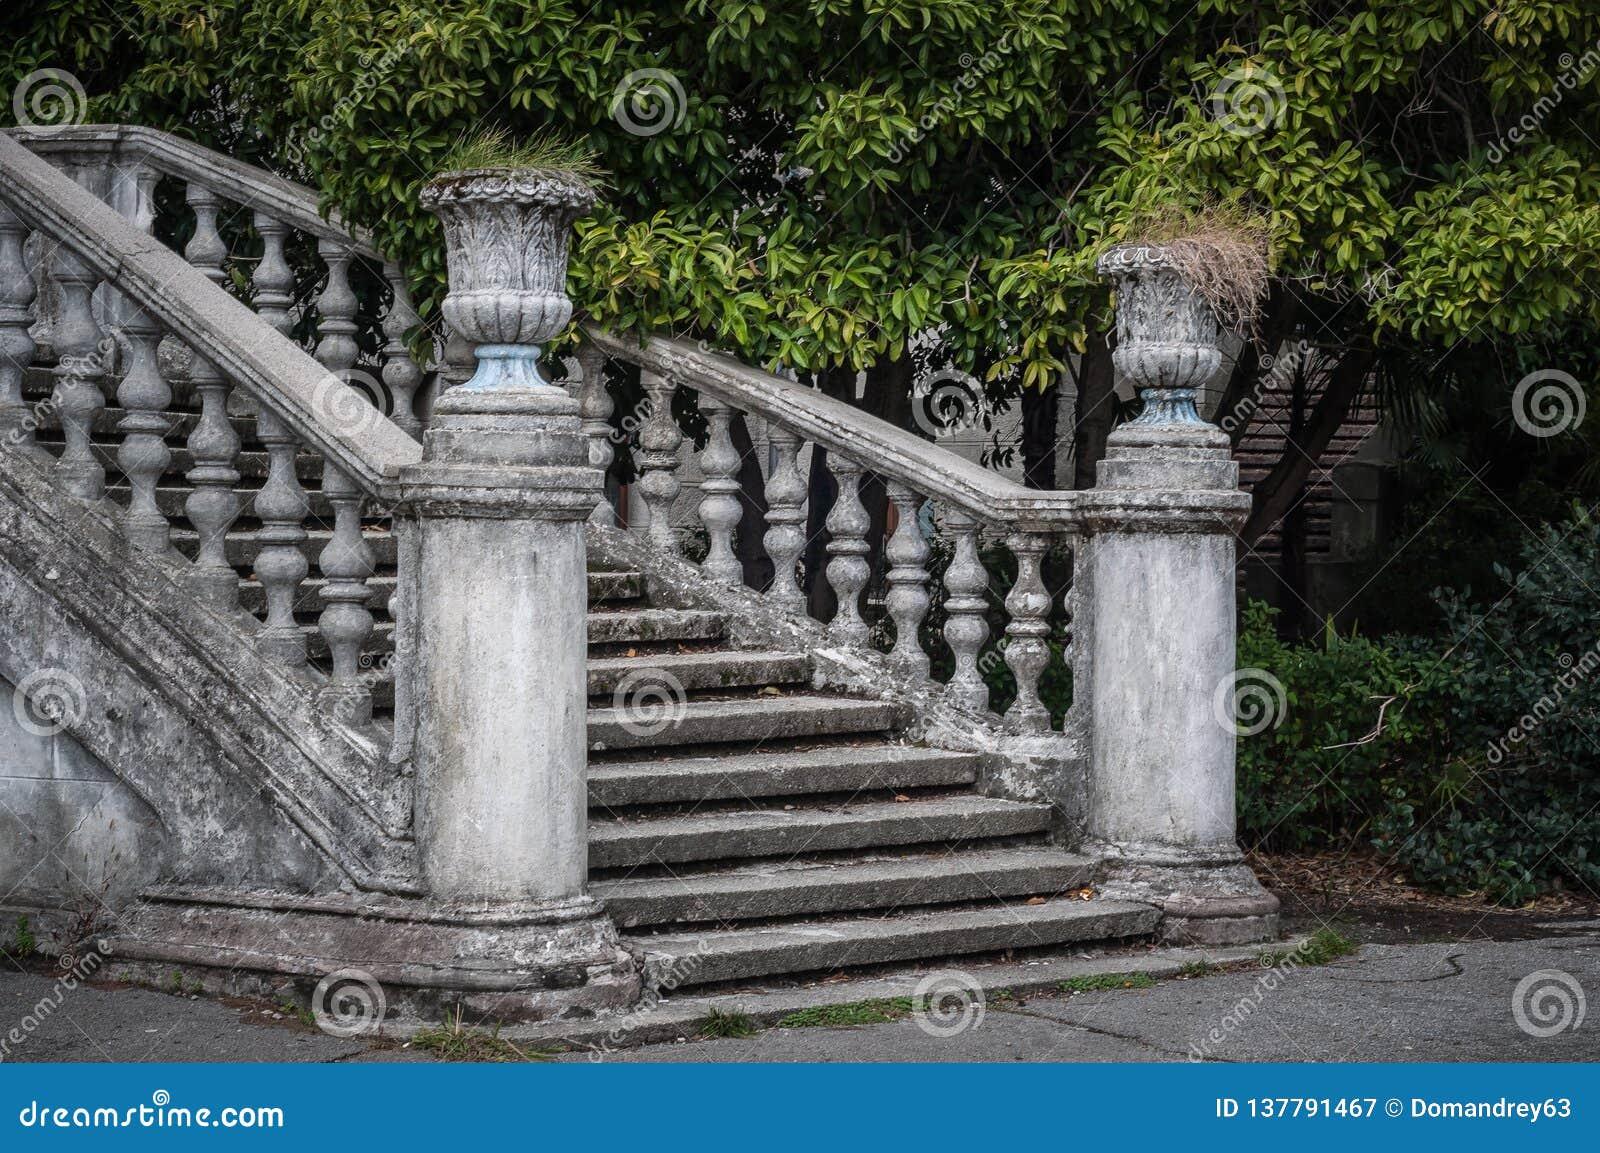 Escalier antique avec les balustres en pierre dans la perspective de la végétation verte